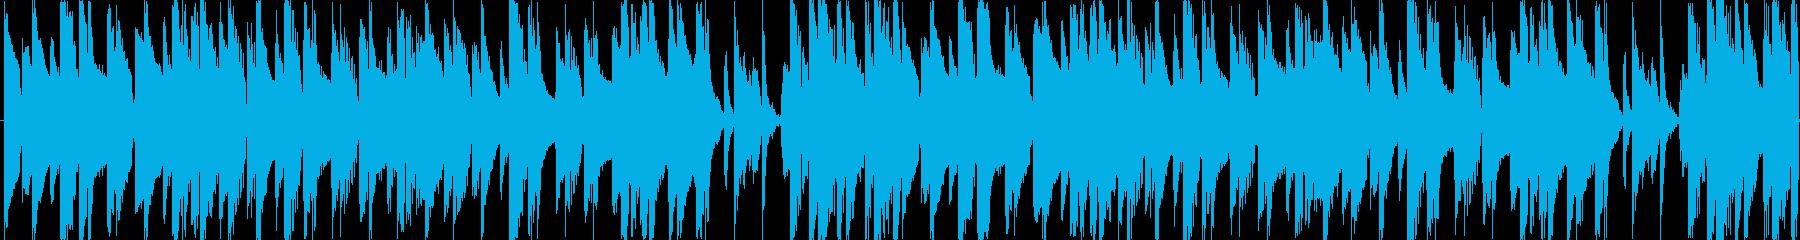 和風ゲームやおもしろ系のゲームのメニュ…の再生済みの波形